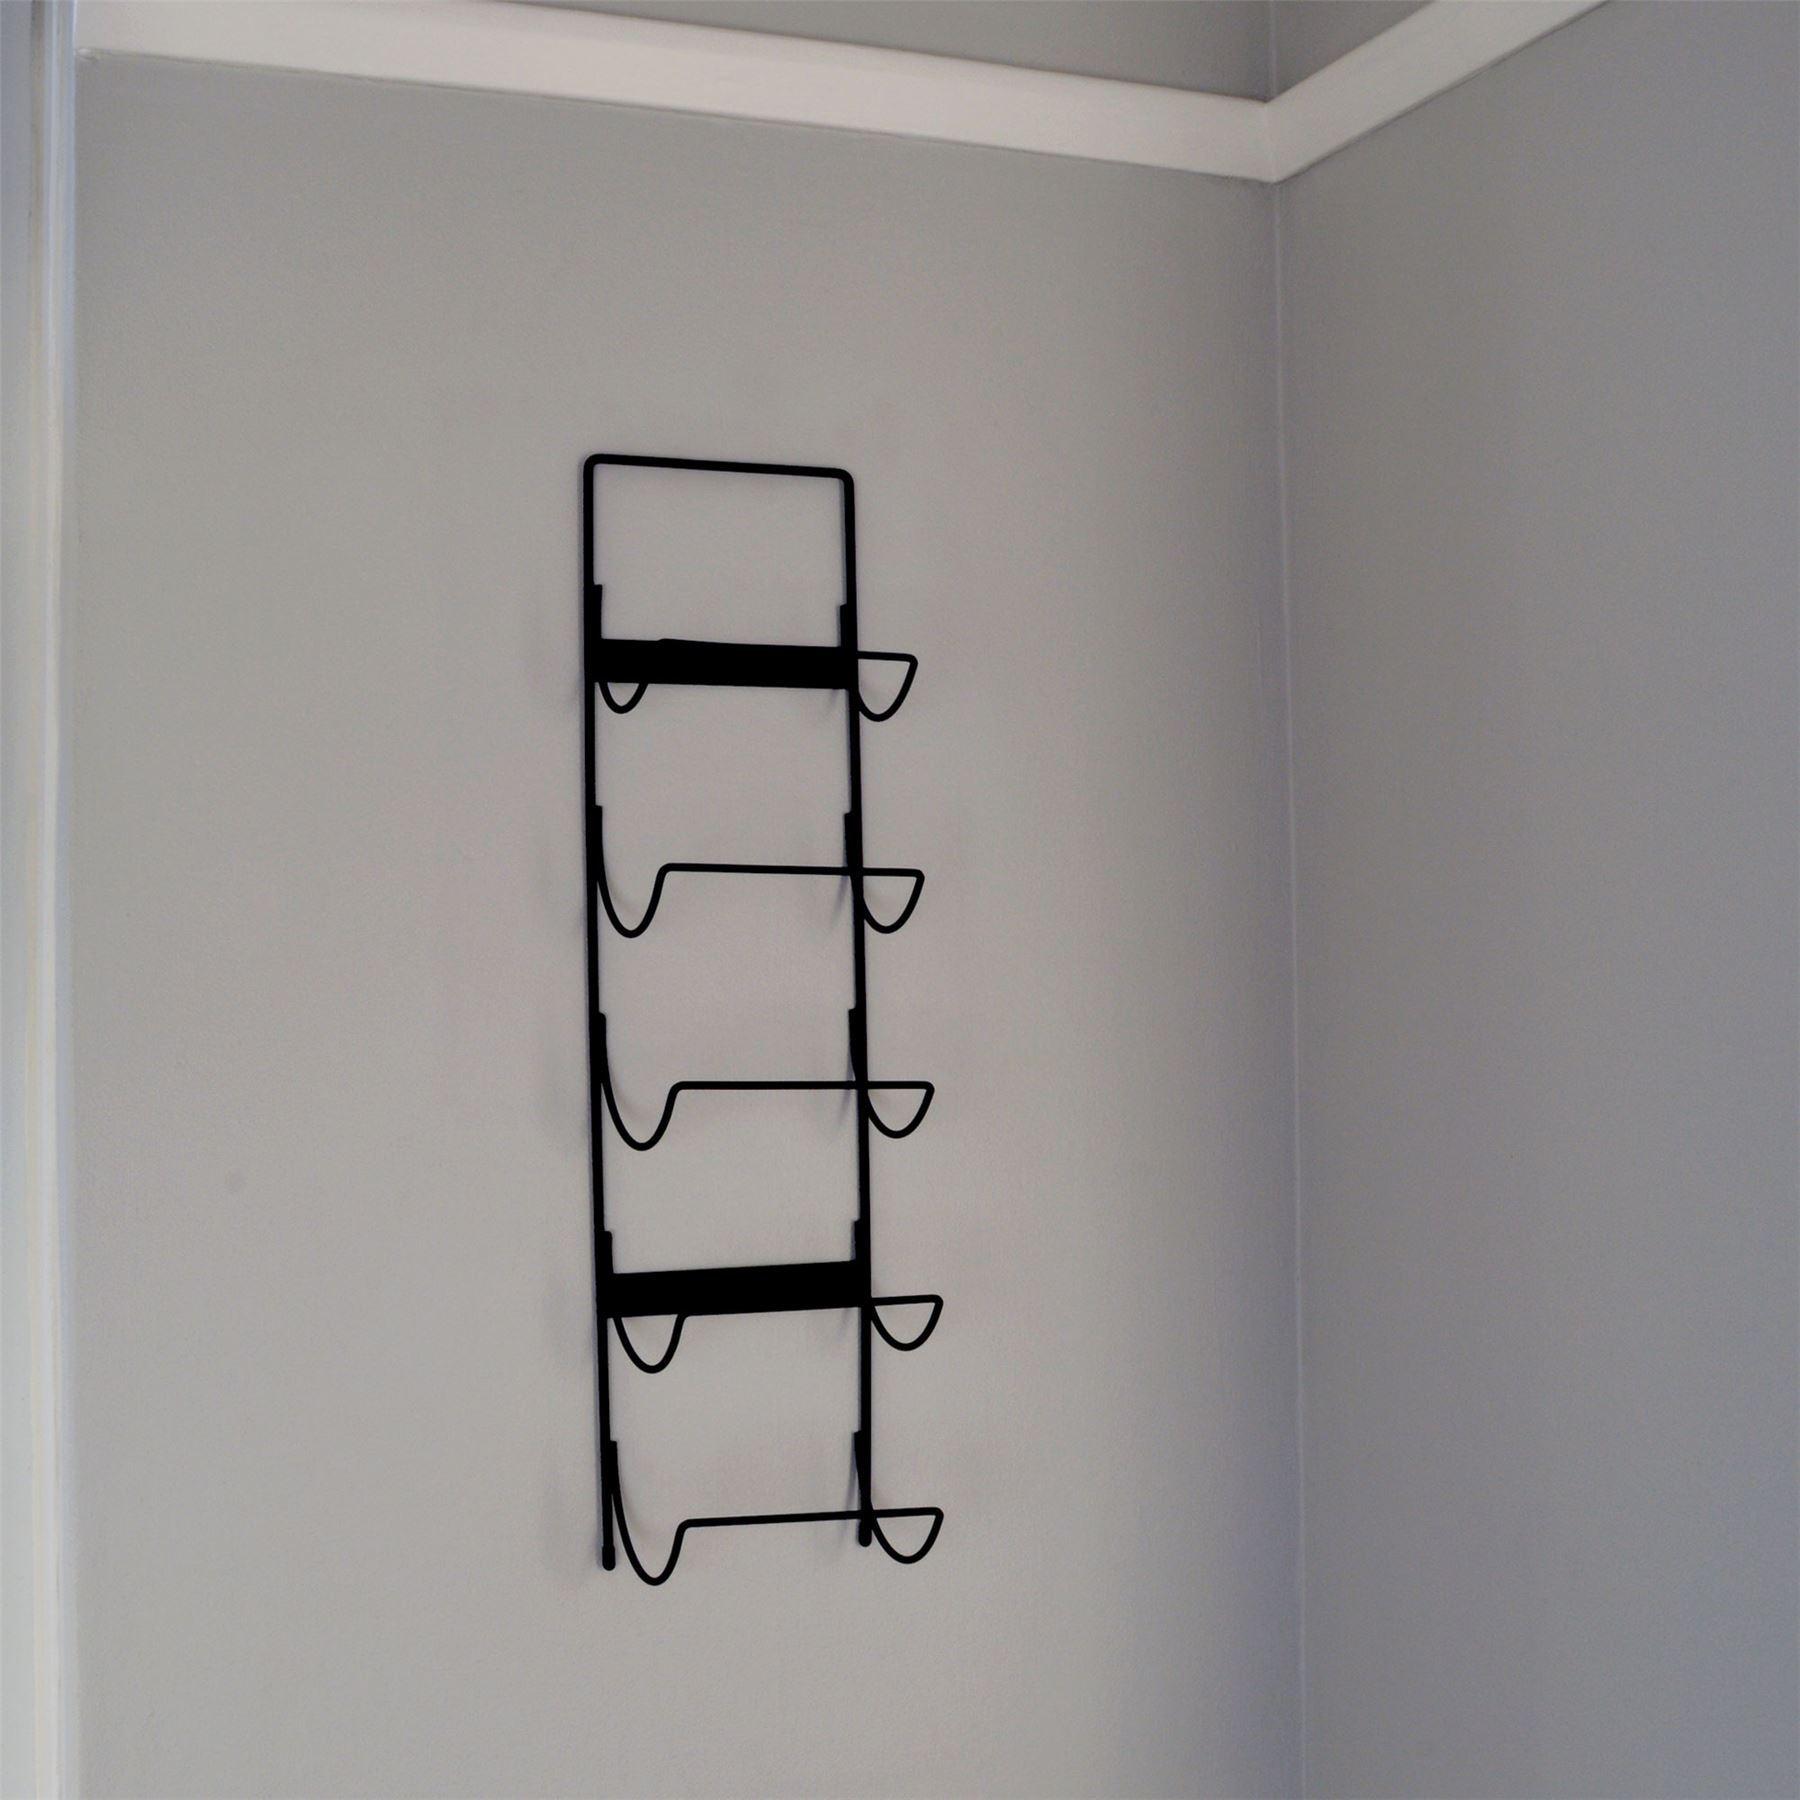 weinregal aus metall f r die wandmontage schwarz f r 5 flaschen ebay. Black Bedroom Furniture Sets. Home Design Ideas